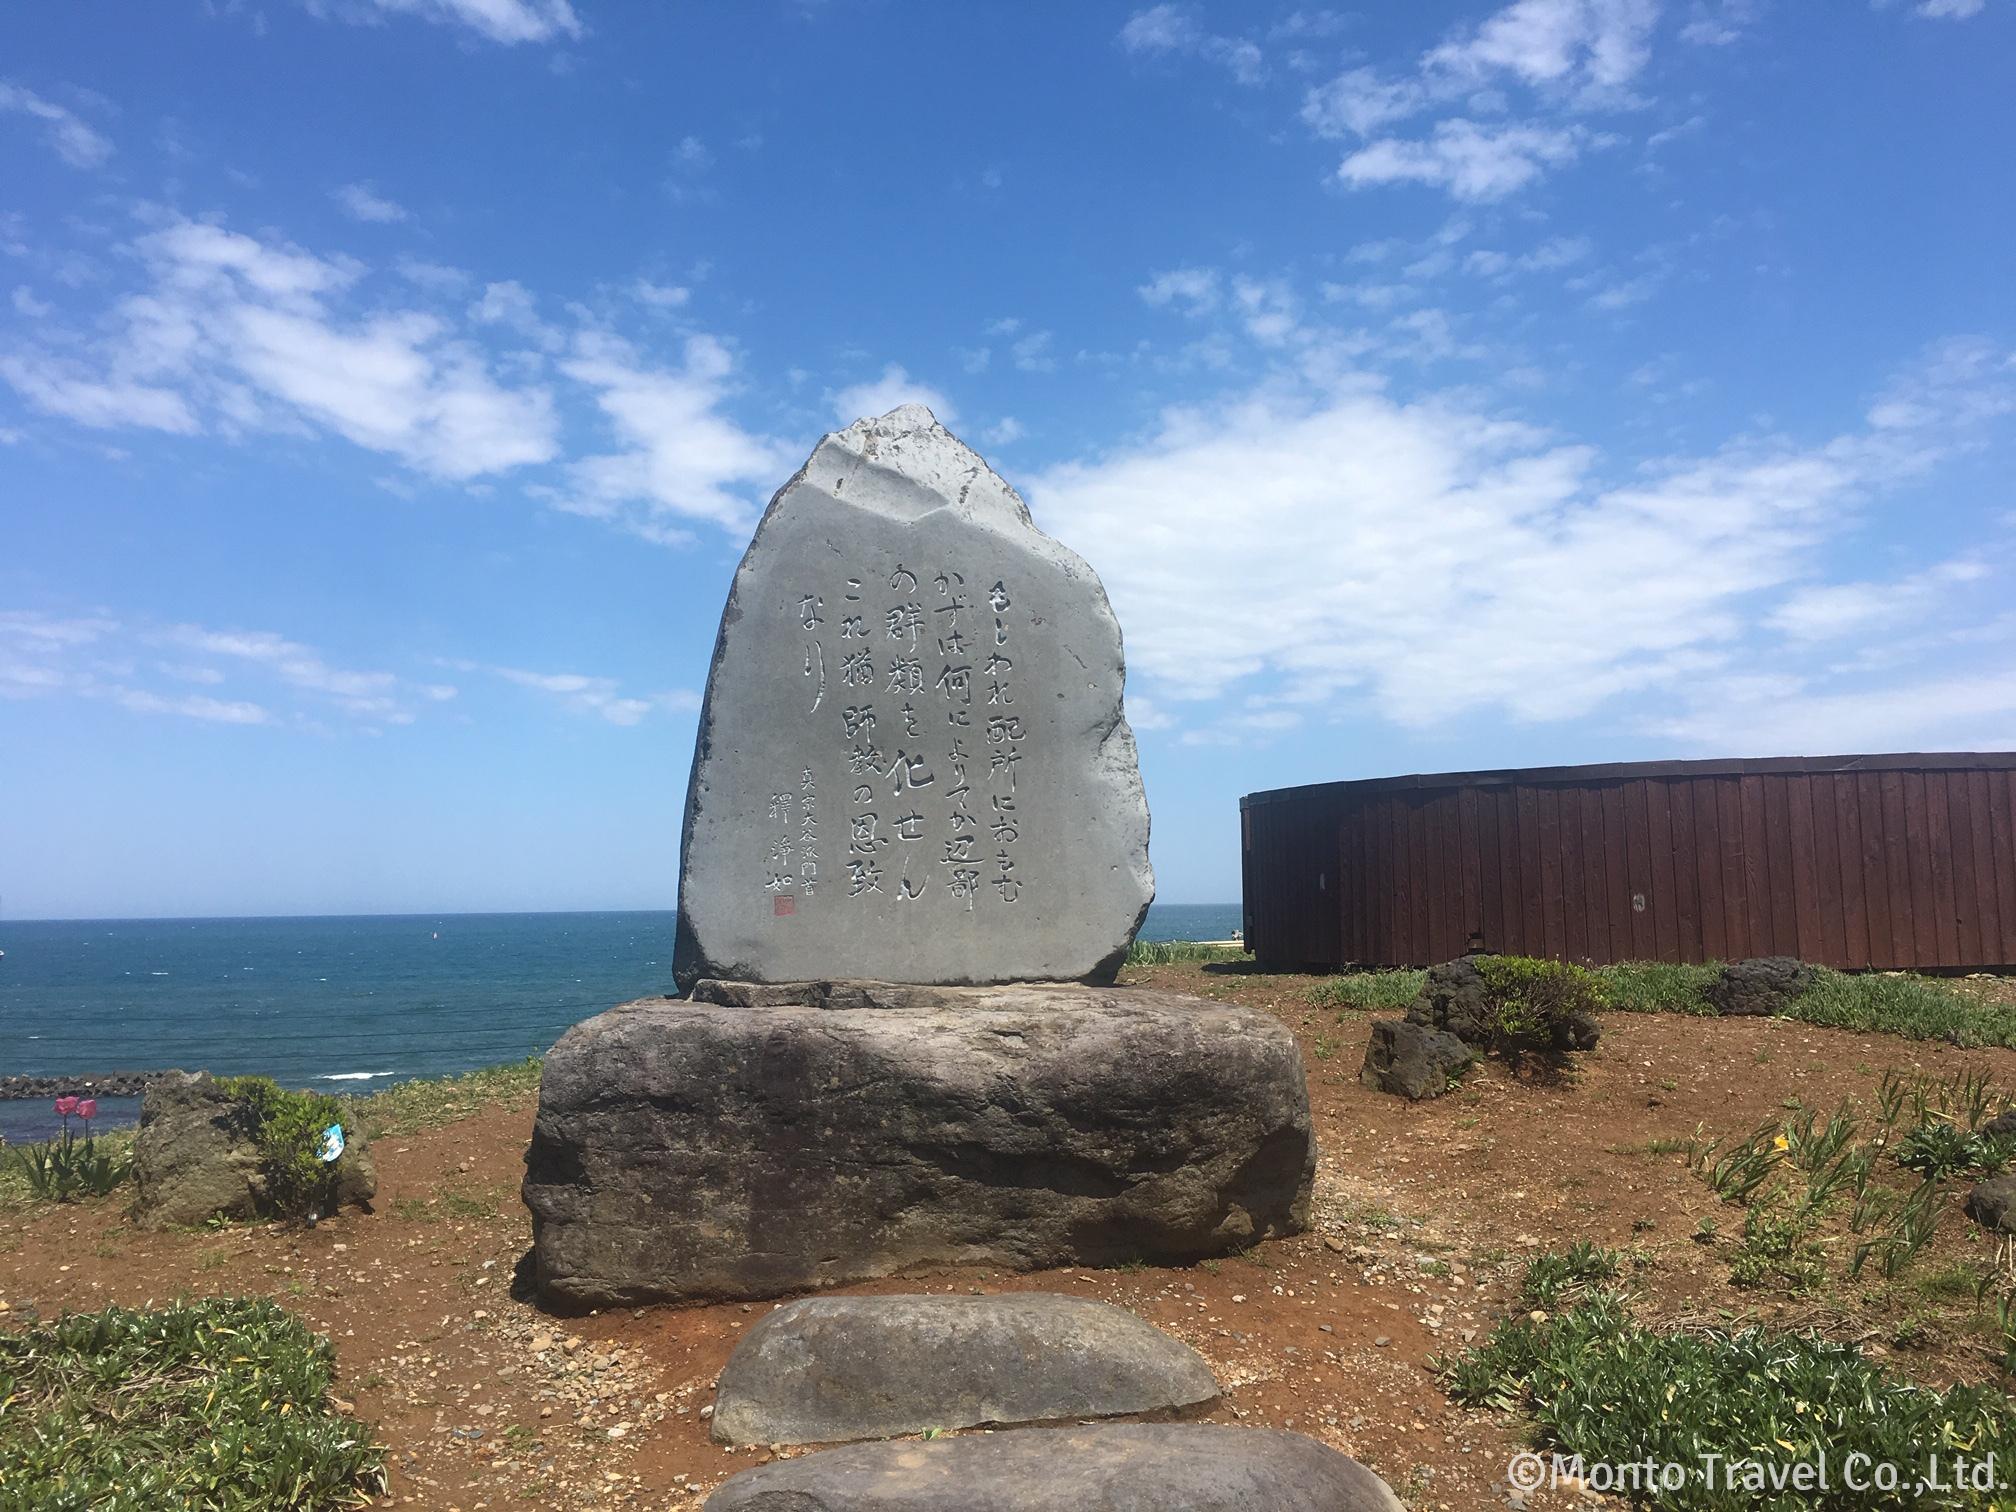 居多ケ浜(配流の身となった親鸞聖人が上陸された地)